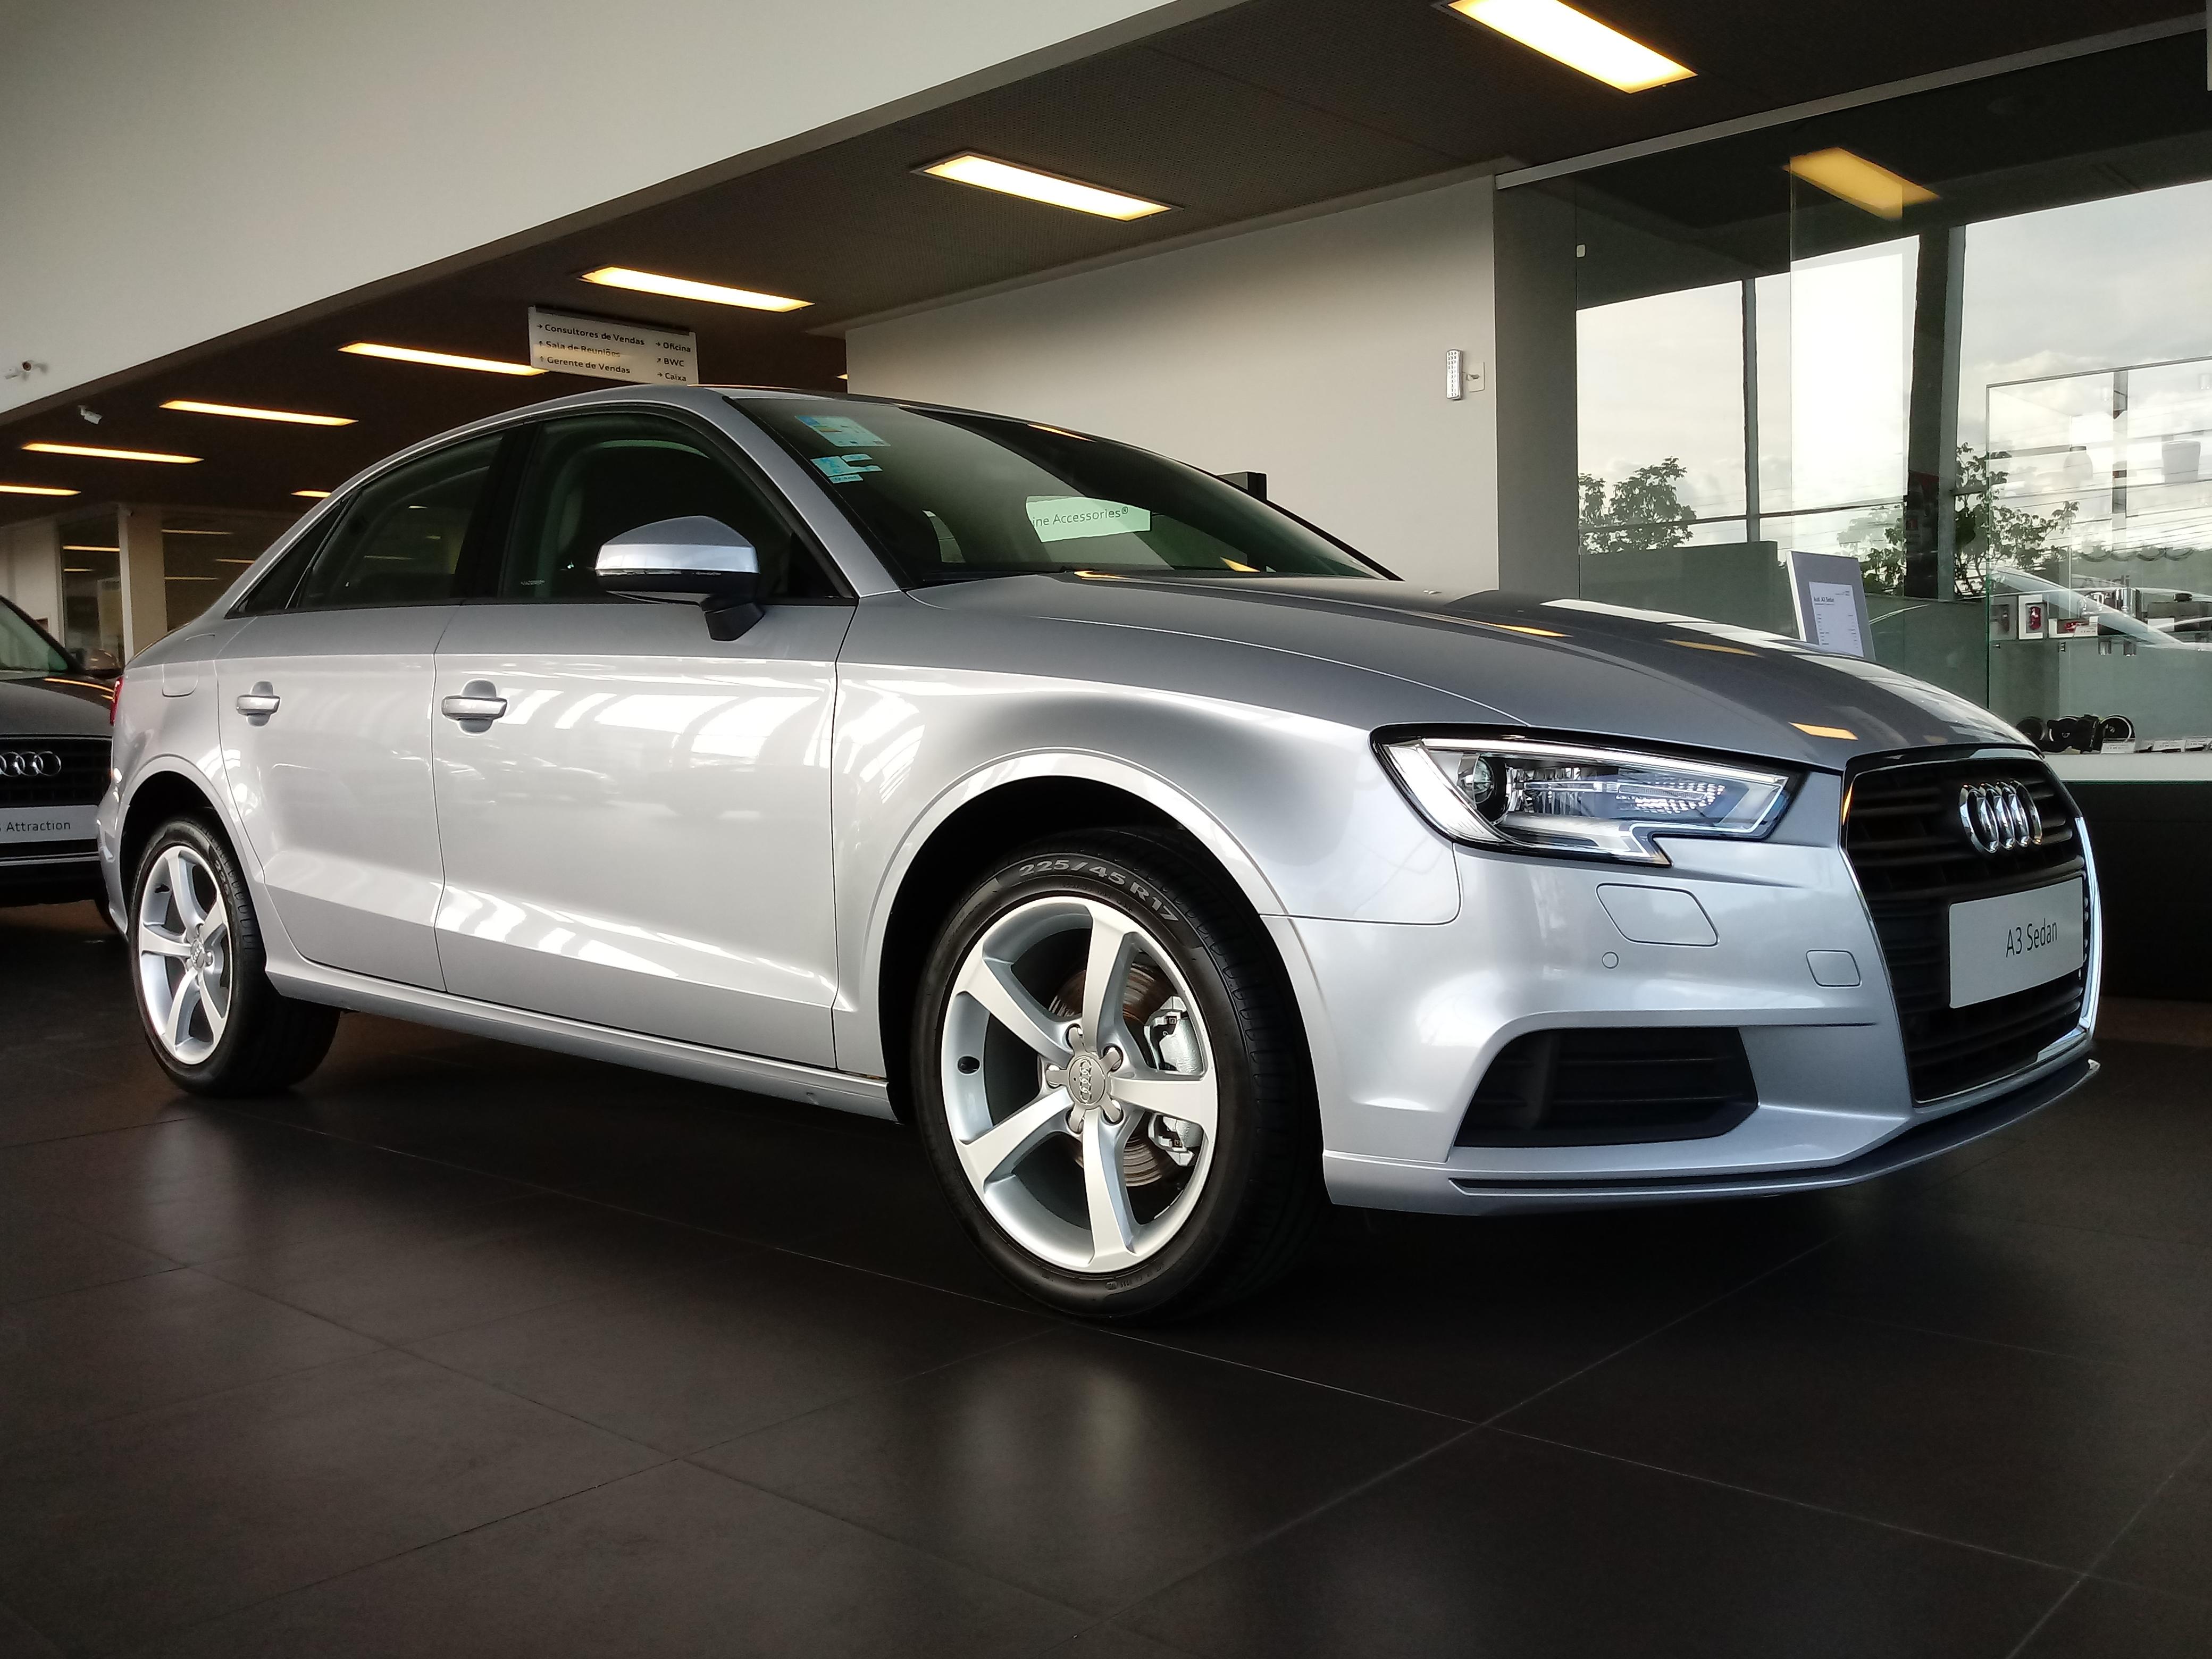 Últimos dias: linha Audi A3 Sedan e SUVs Q3 e Q5 com taxa zero em 24 meses